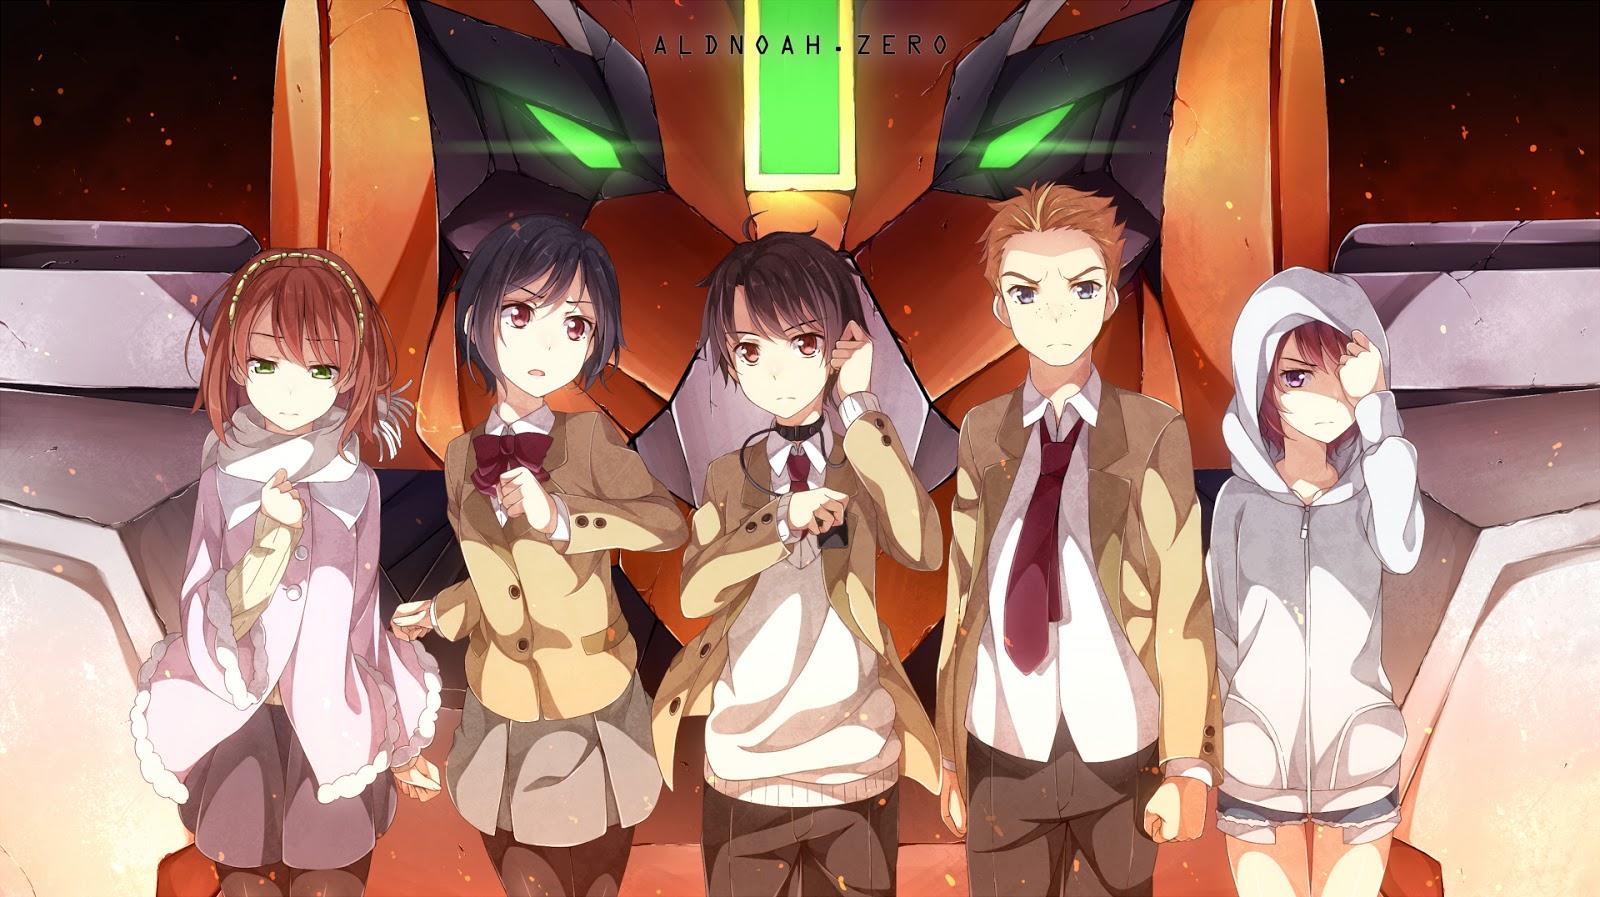 Anime Action Terbaik Aldonoah Zero